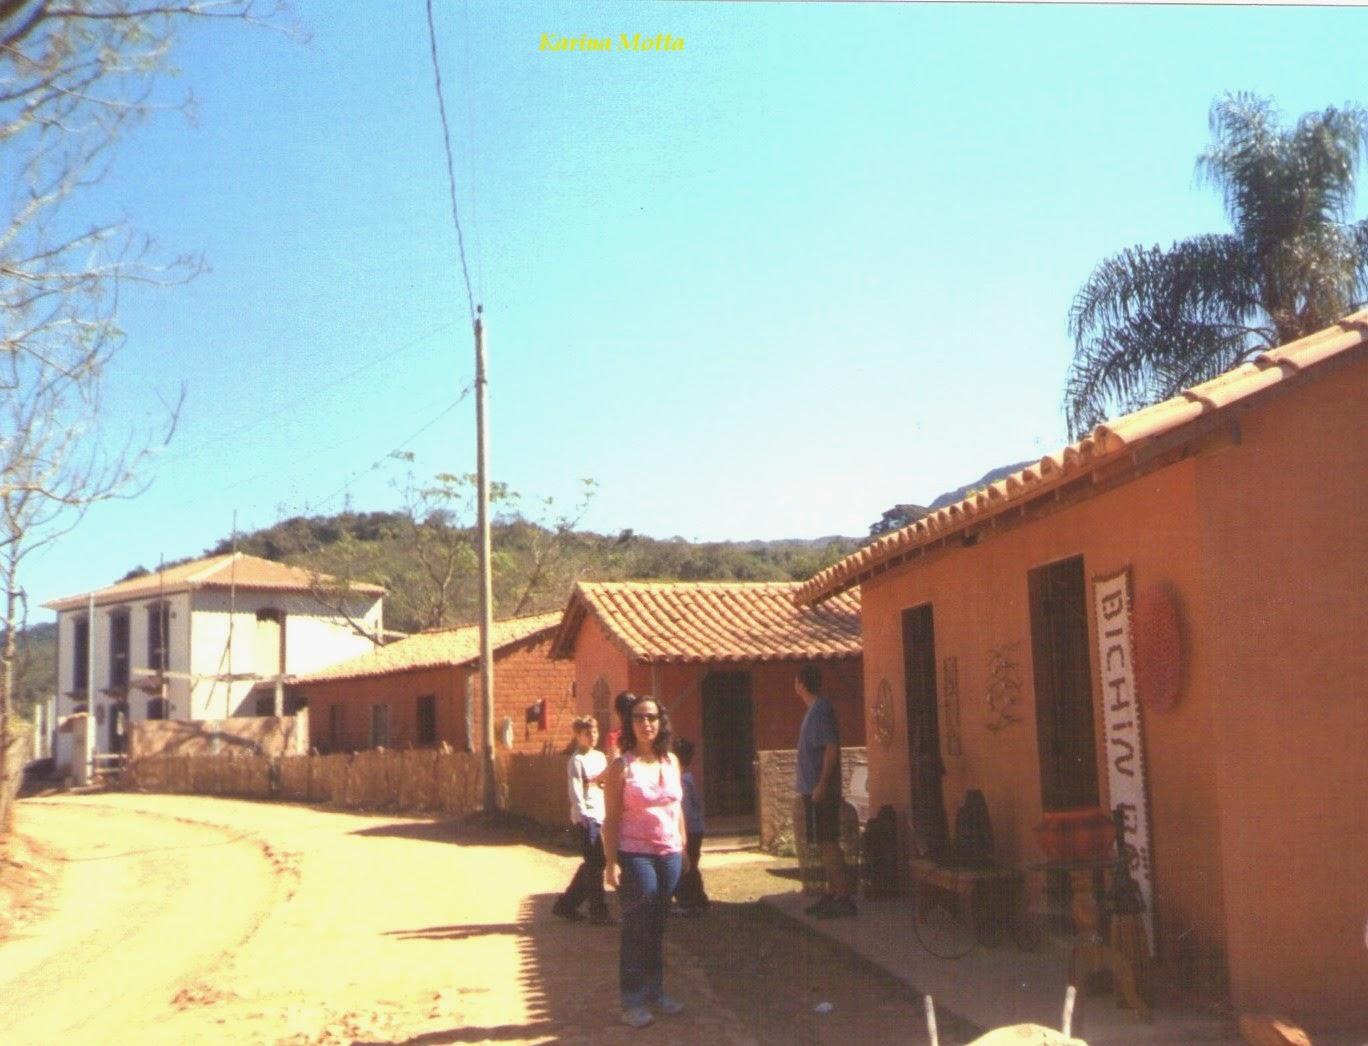 Atelier Web Artesanato ~ Blog Viagens pelo Brasil Artesanato e charme em Bichinho, distrito de Prados MG